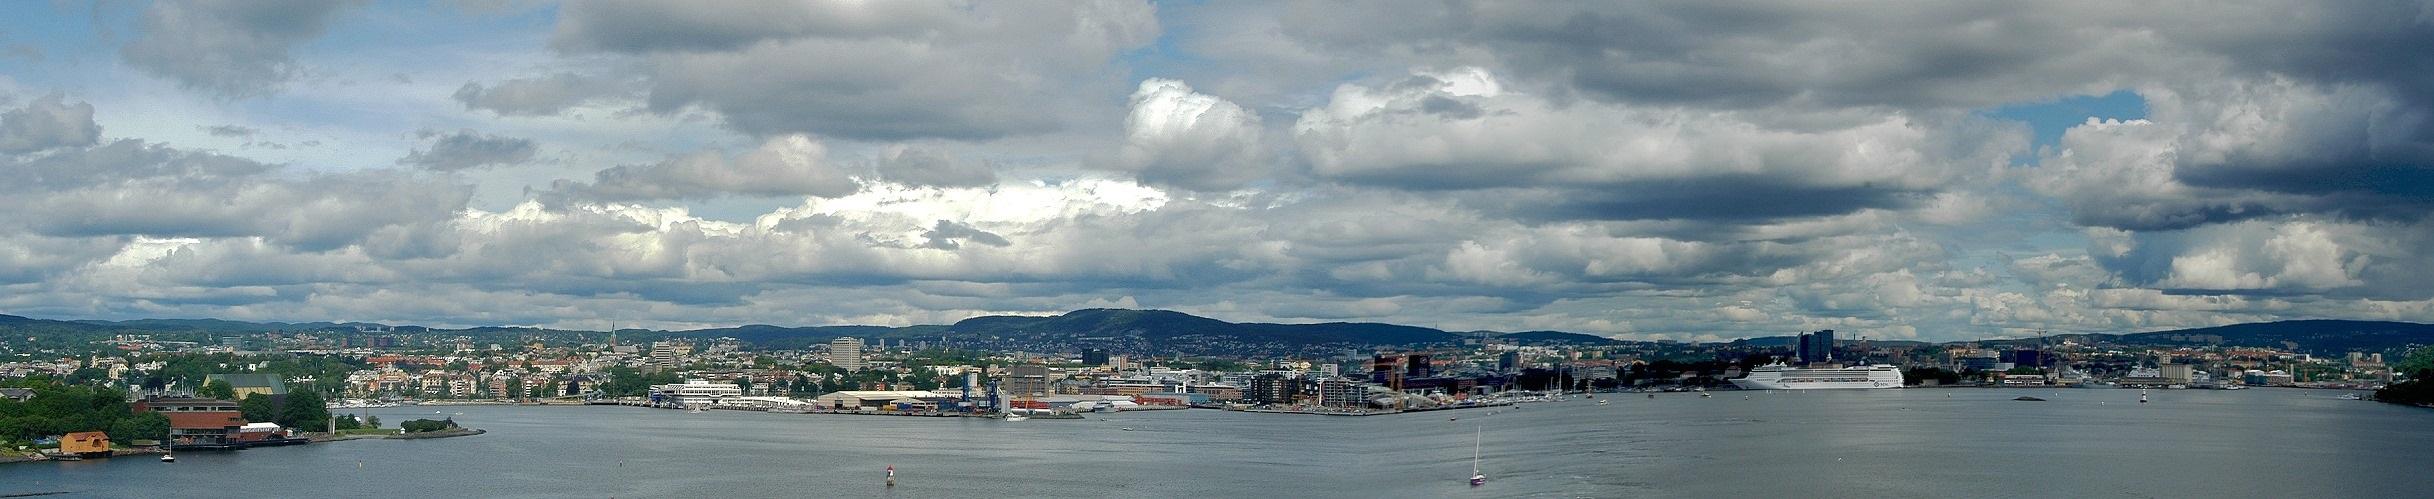 Oslo Pano